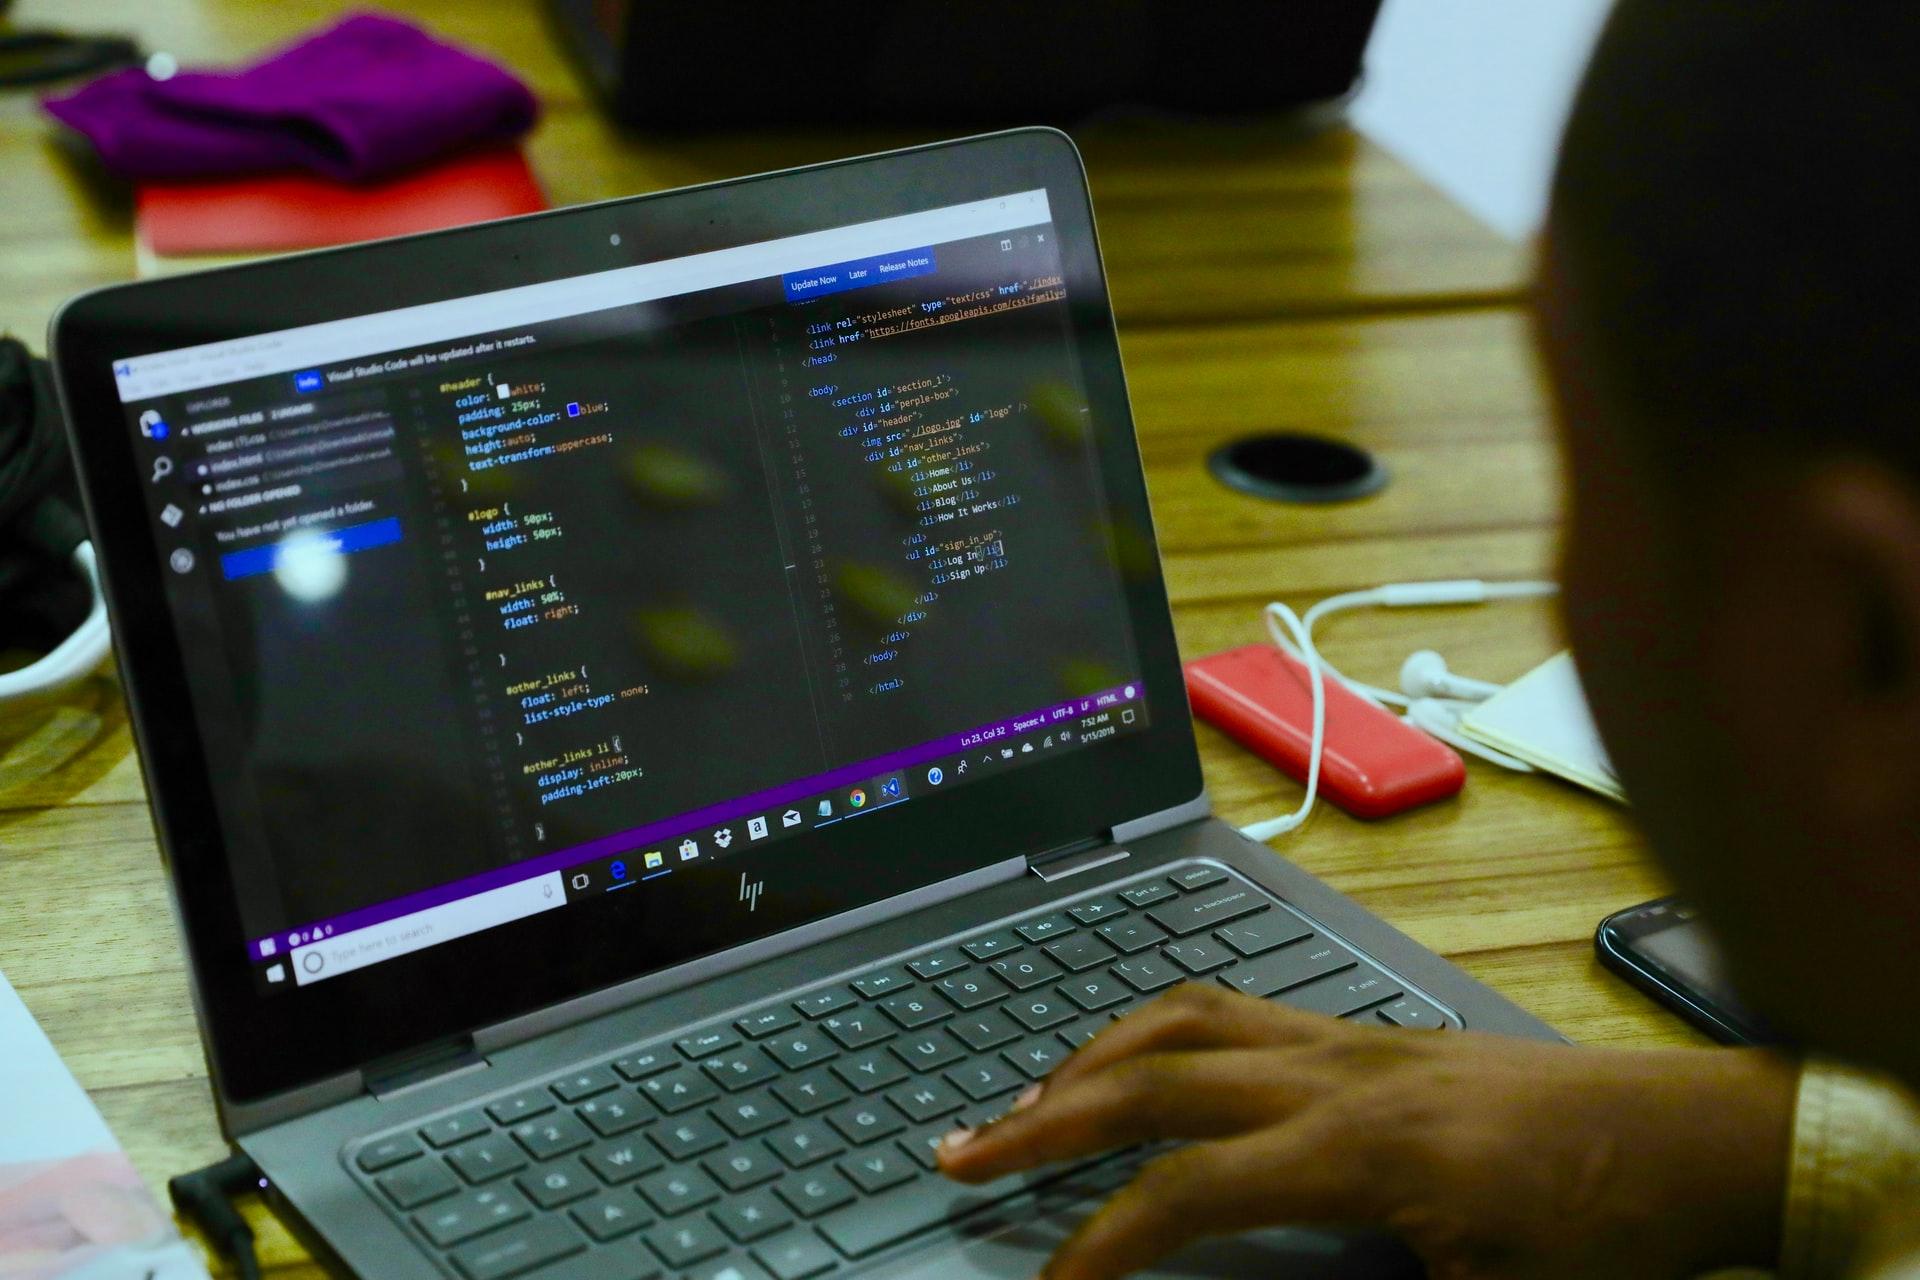 サブスク型オンラインプログラミングスクールとは